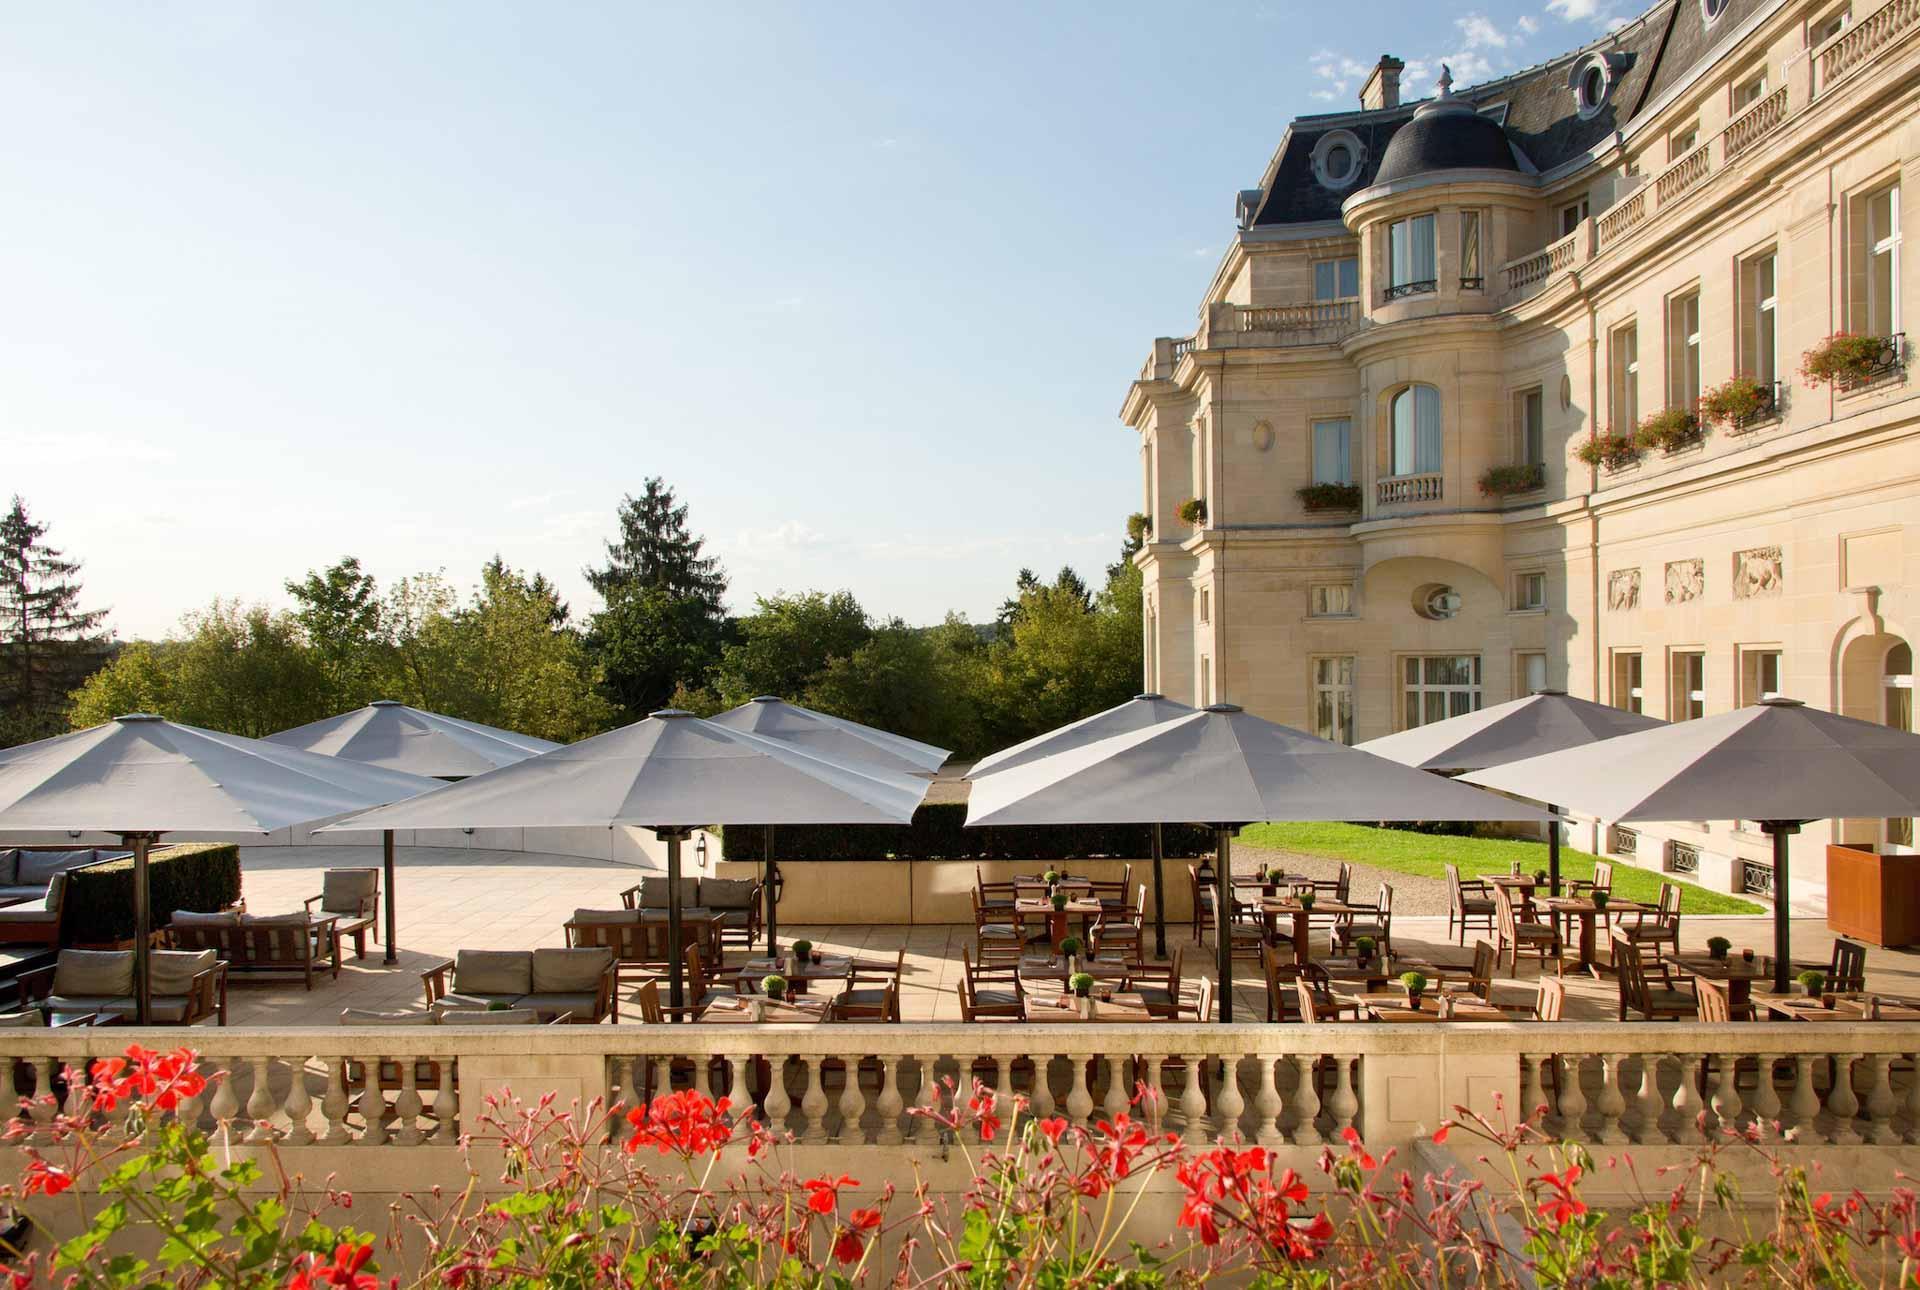 La terrasse fleurie du Château Hôtel Mont Royal Chantilly © Château Hôtel Mont Royal Chantilly